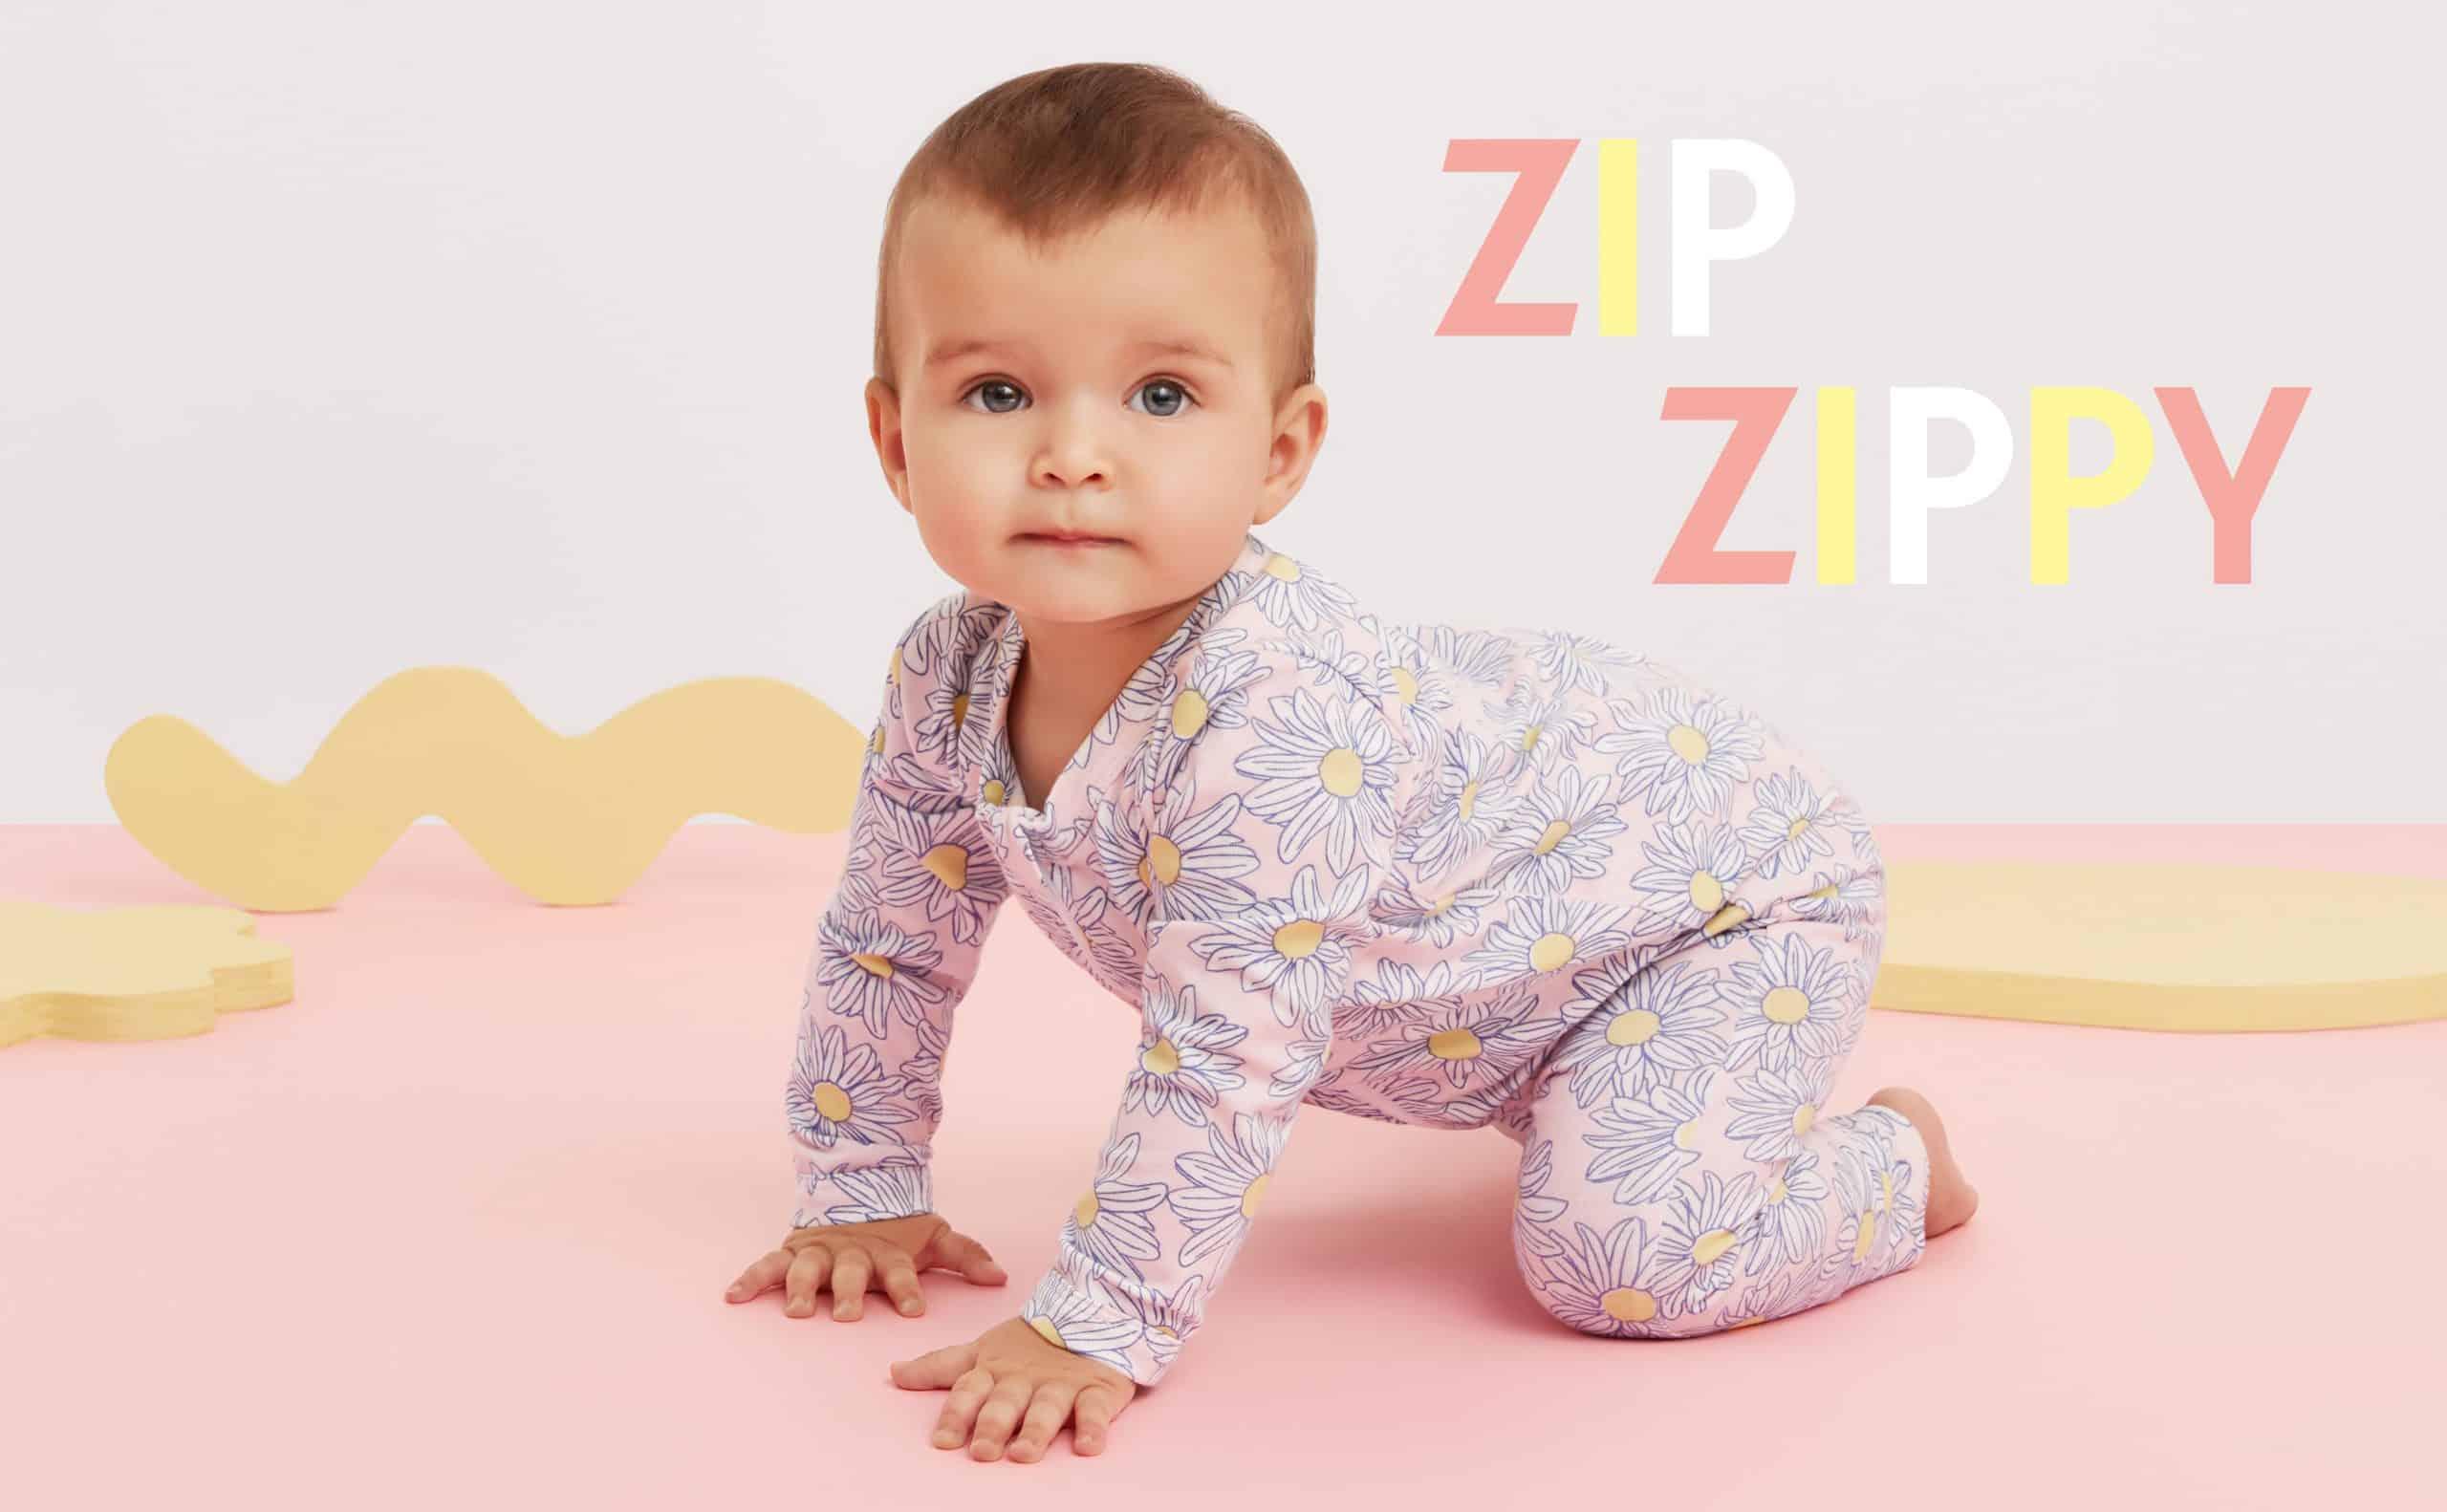 Zip Zippy